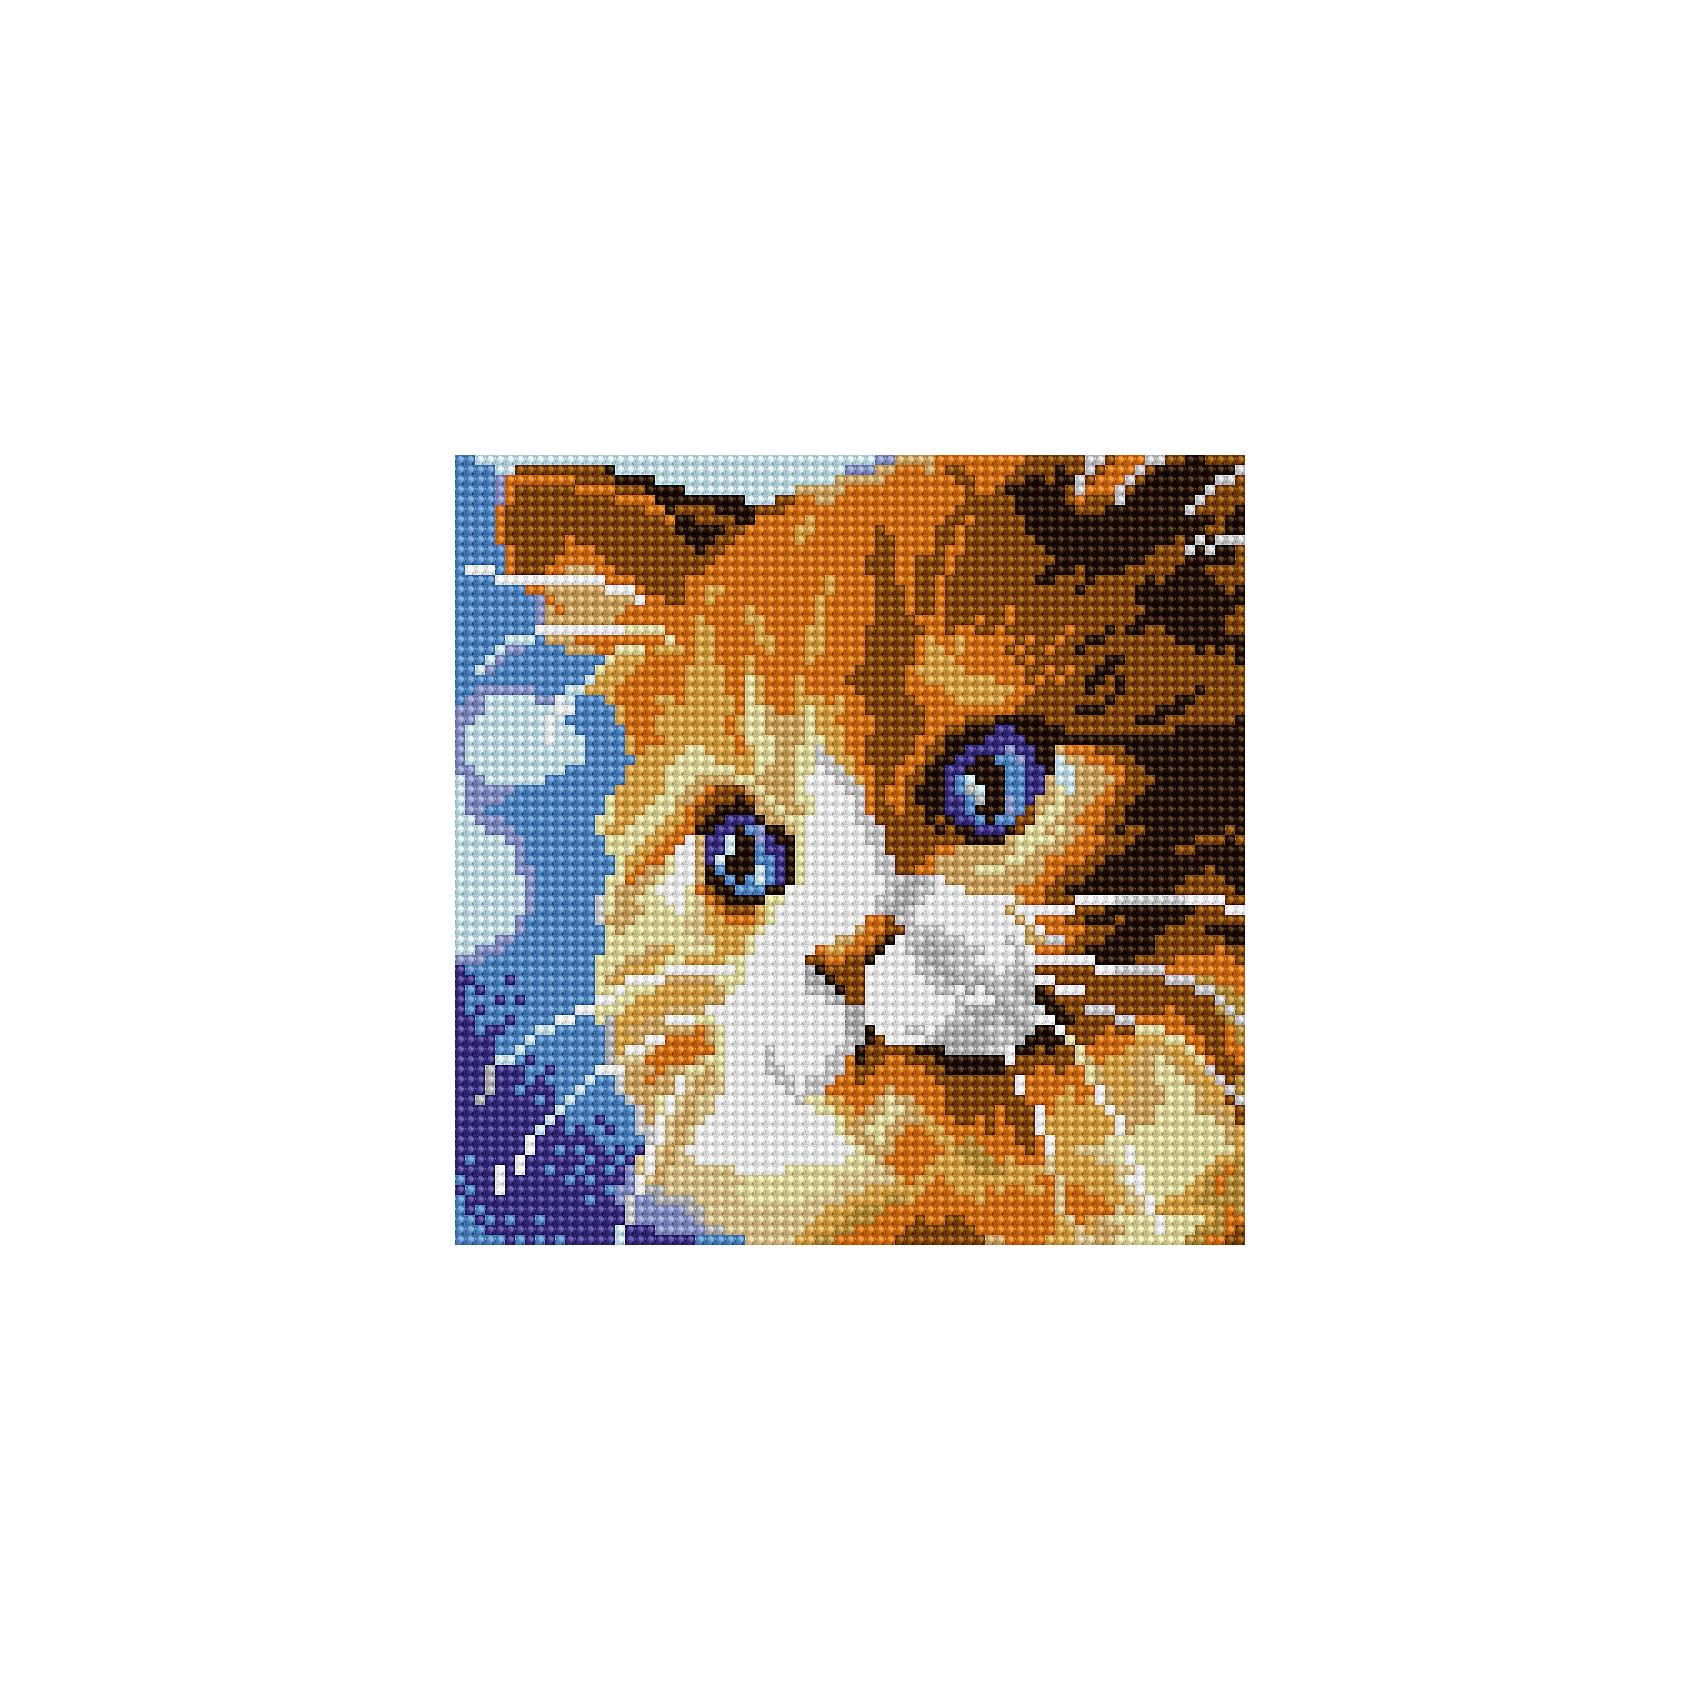 Schreiber Алмазная мозаика по номерами Рыжий кот 20*20 см schreiber алмазная мозаика по номерами ежик 20 20 см